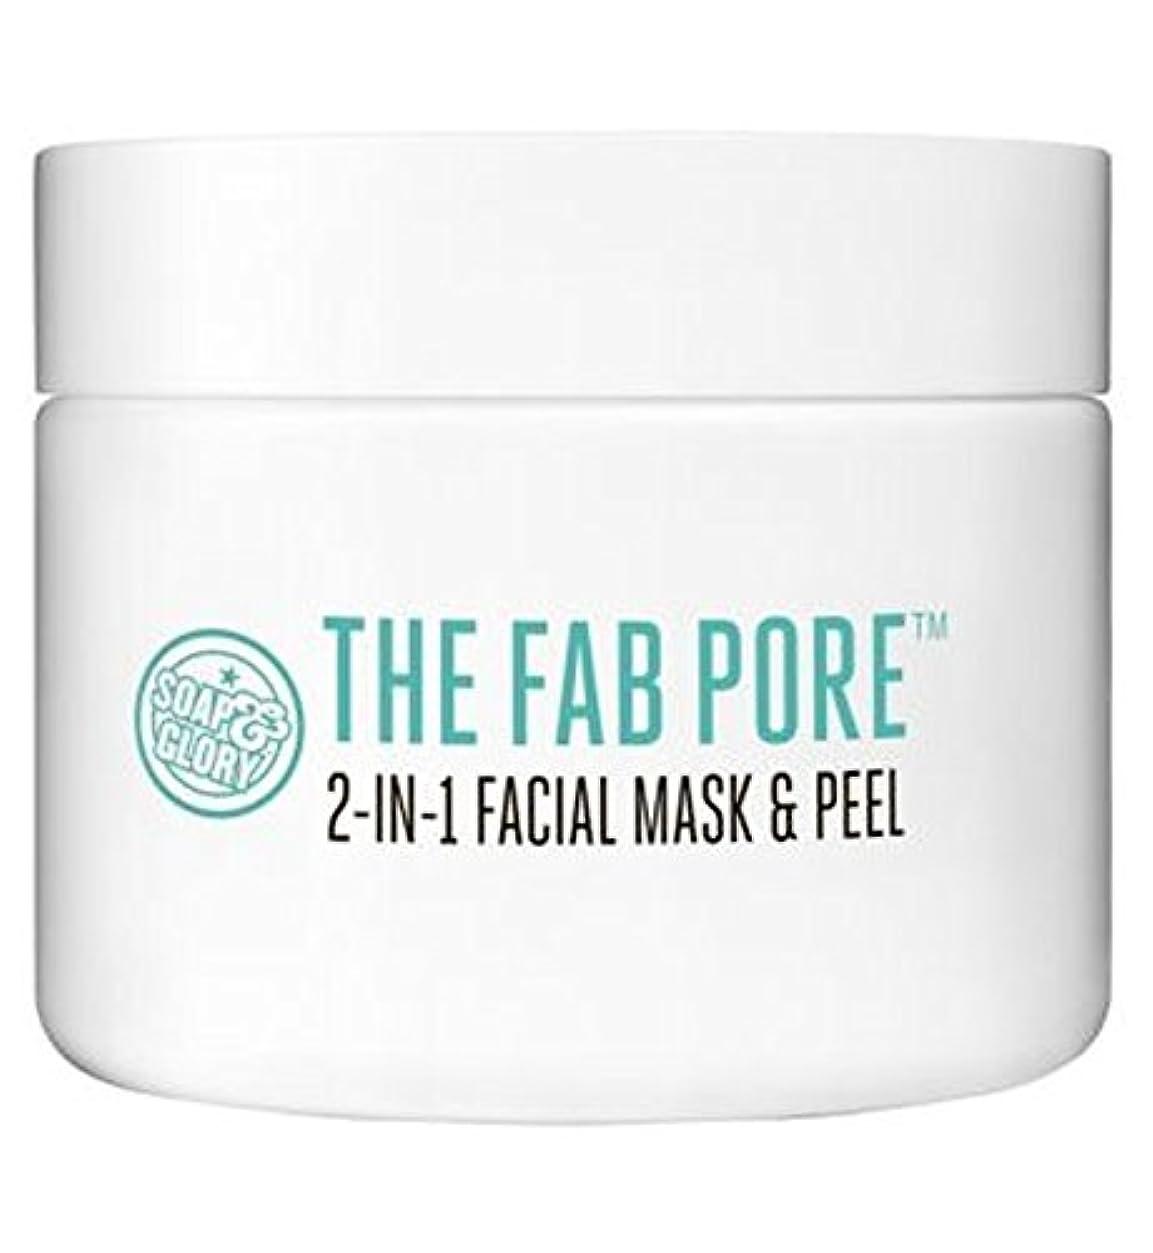 ペダルいらいらさせるフォームSoap & Glory? Fab Pore? 2-in-1 Facial Pore Purifying Mask & Peel - ファブ細孔?2イン1顔の細孔浄化マスク&ピール?石鹸&栄光 (Soap & Glory...